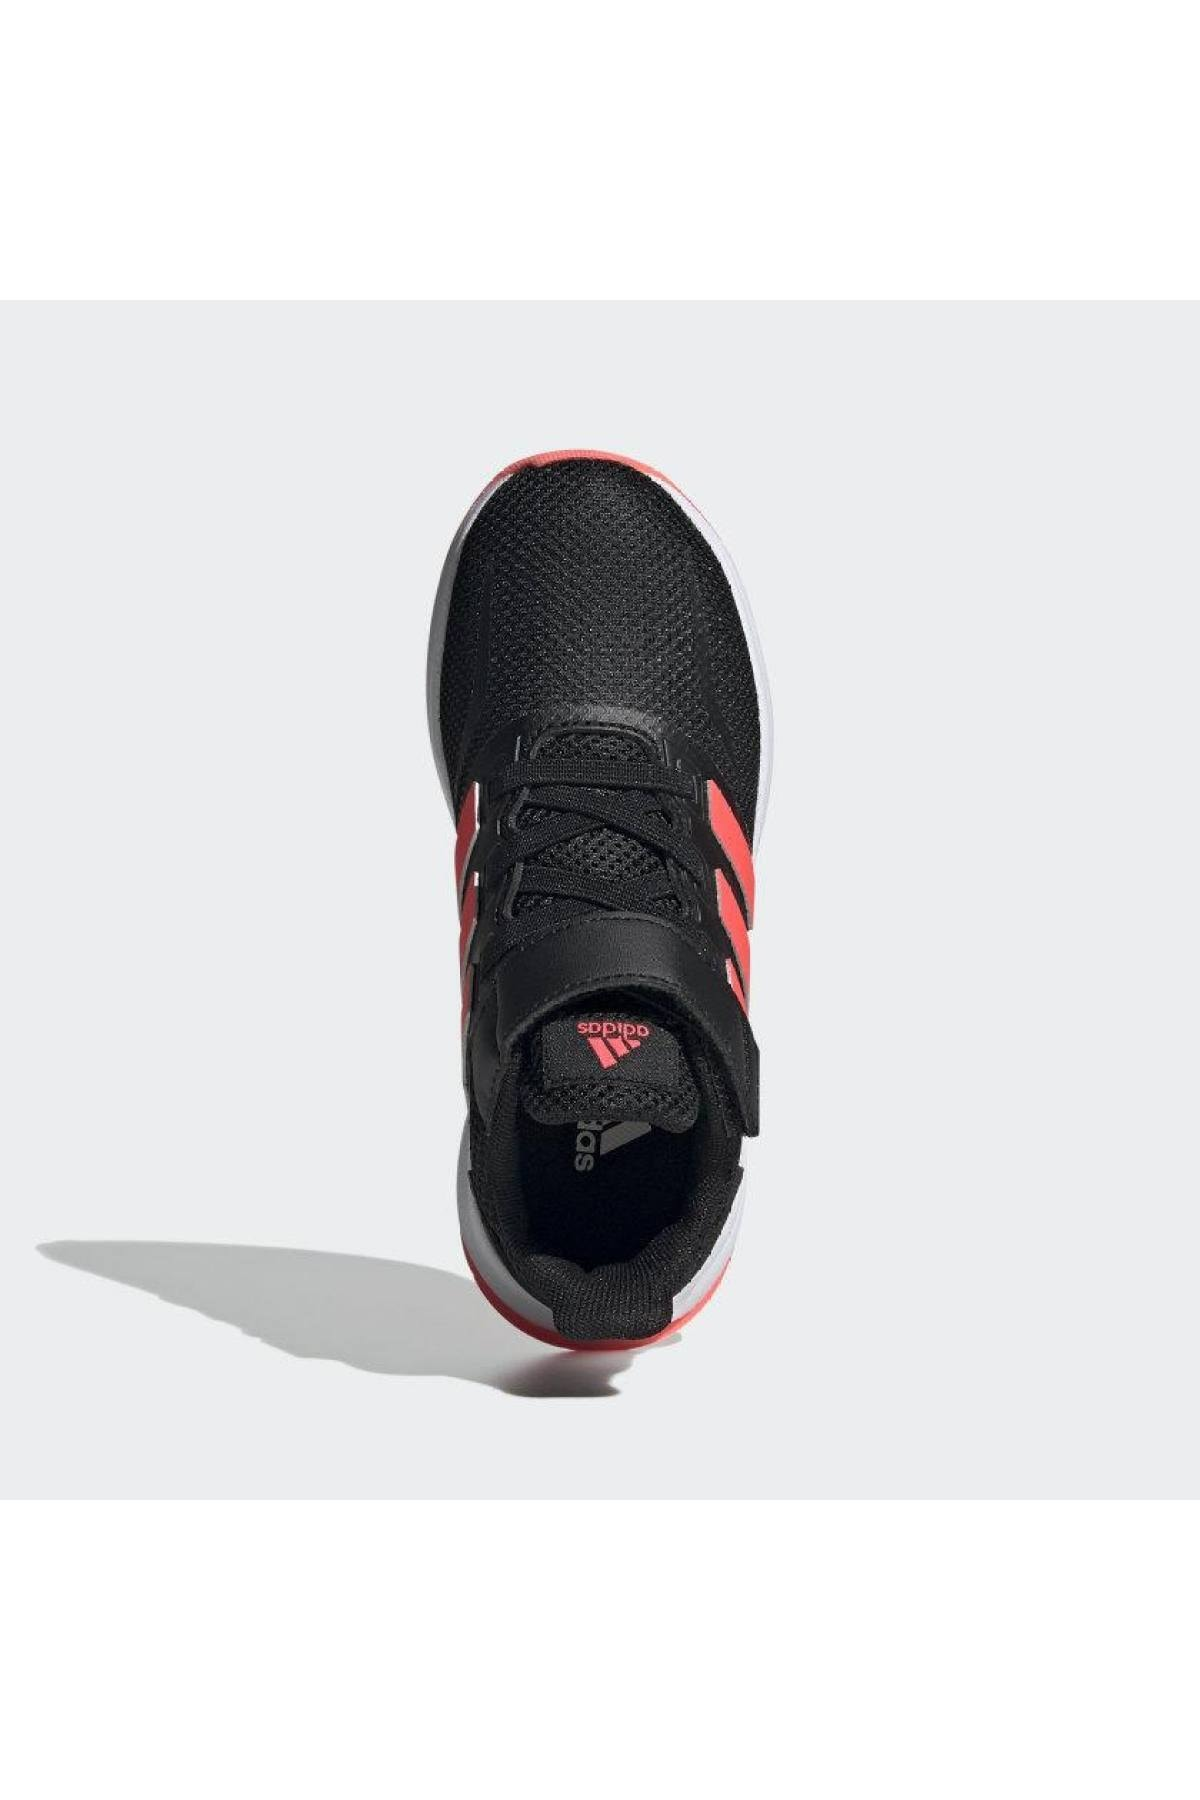 adidas RUNFALCON C Siyah Kız Çocuk Koşu Ayakkabısı 100663763 2